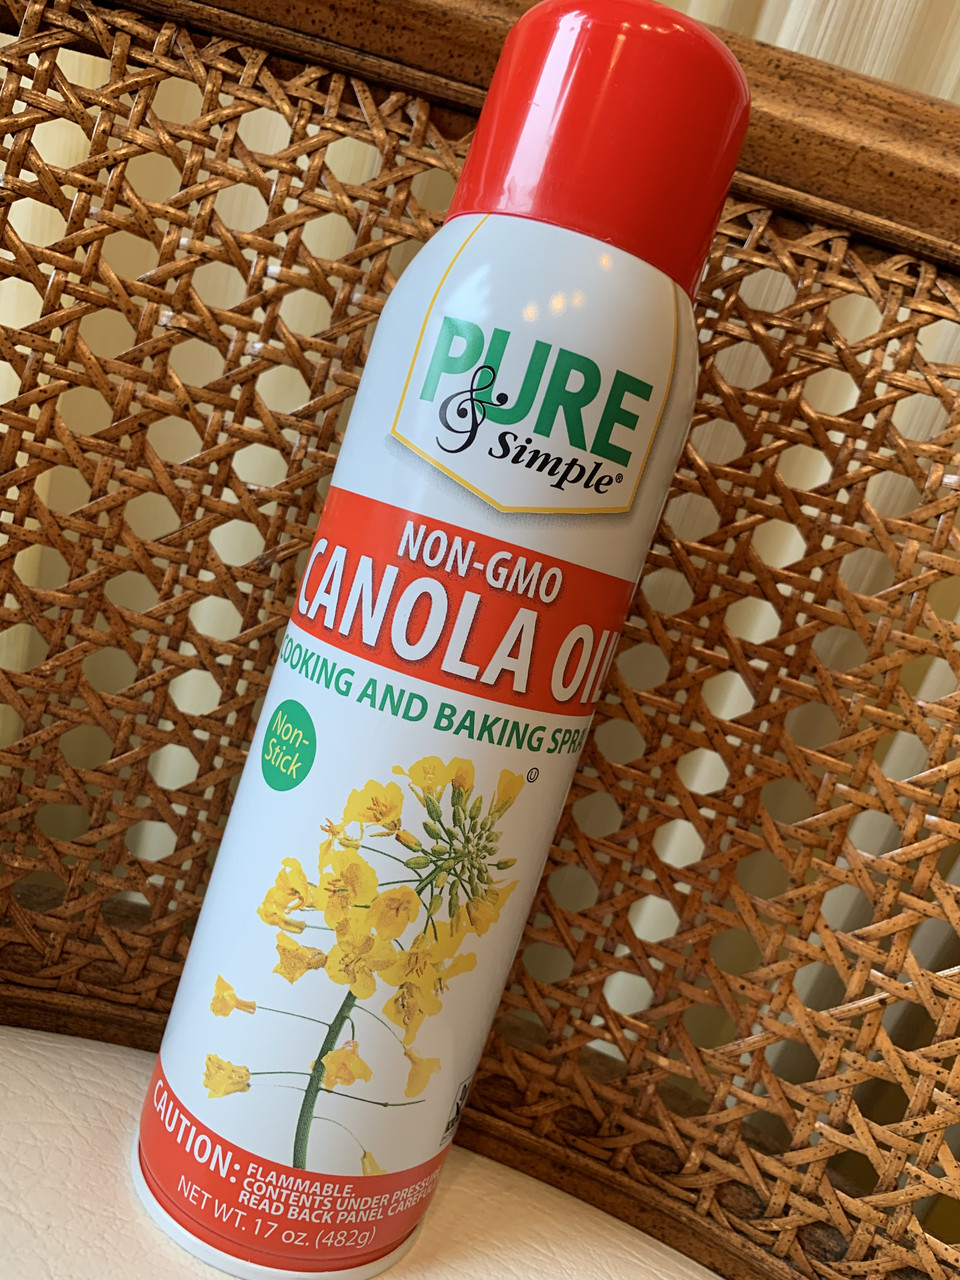 Распыляющееся масло Канола для не пригорания пищи PURE and SIMPLE  Canola Oil Cooking Spray